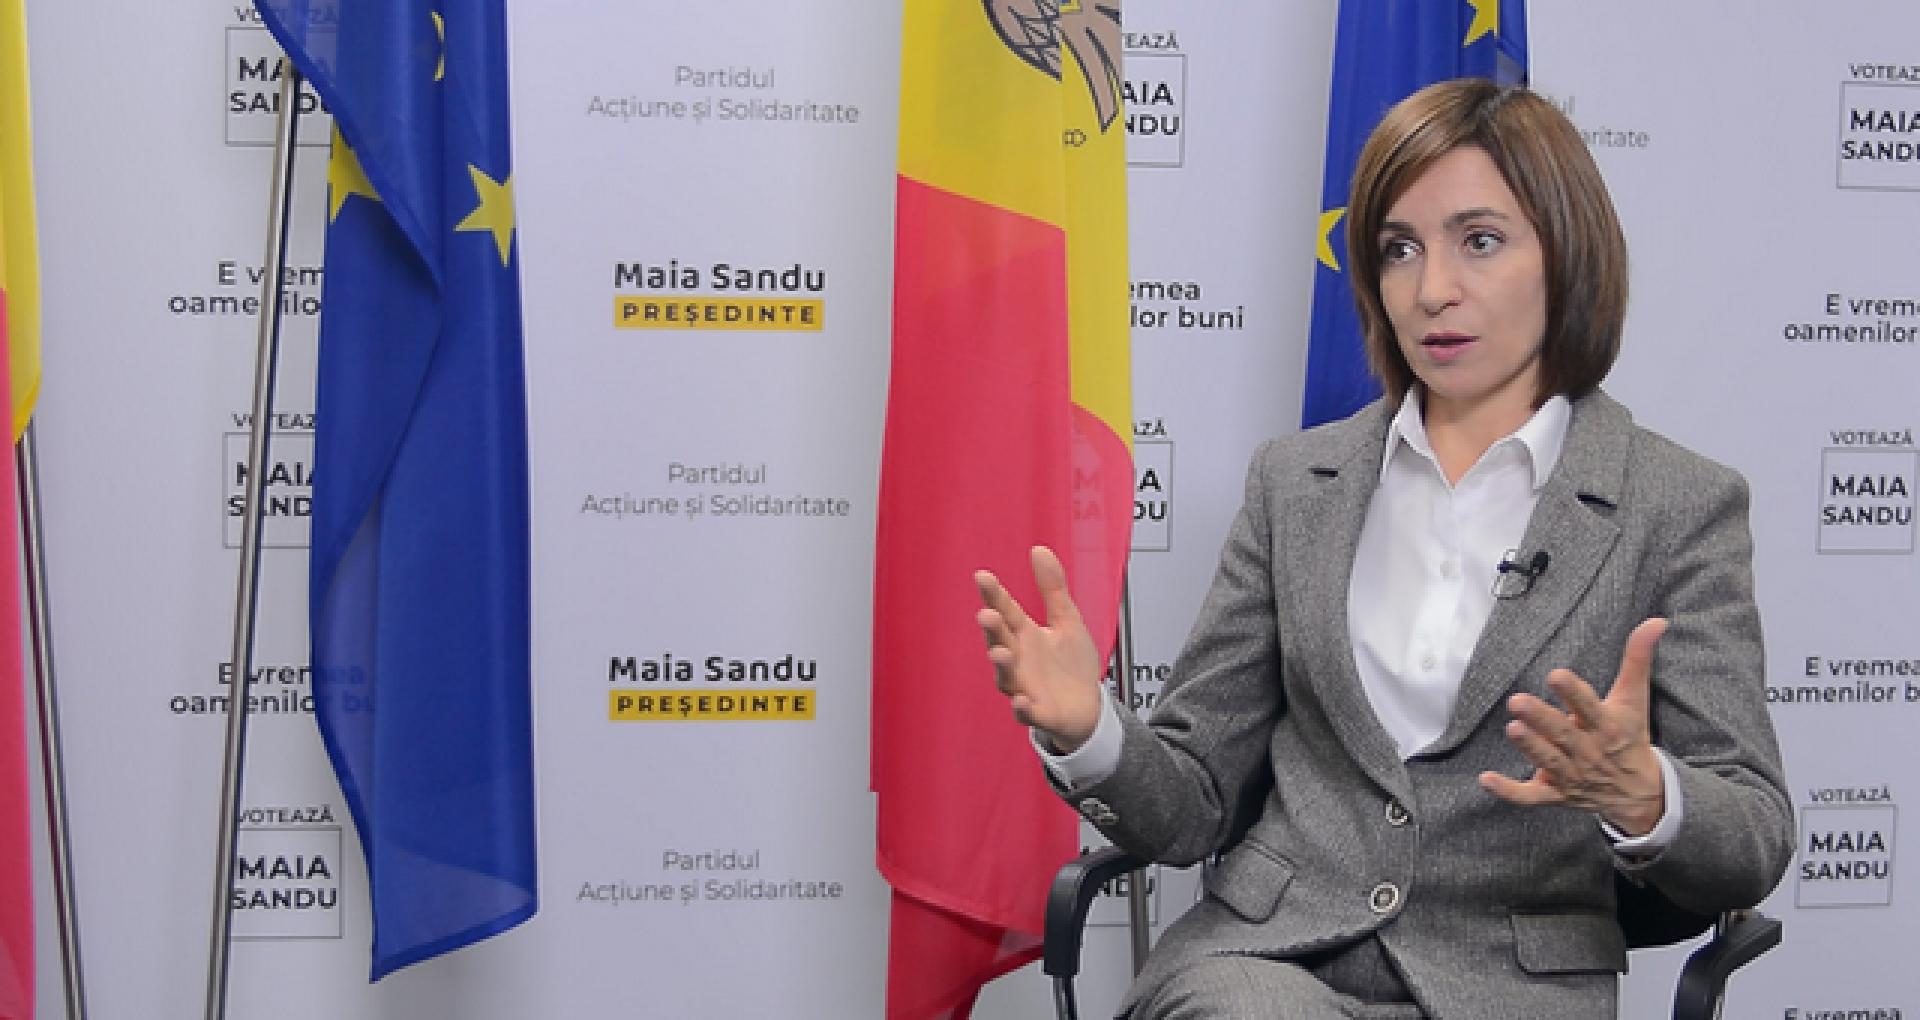 Maia Sandu: Trupele ruse trebuie evacuate de pe teritoriul R. Moldova. Reprezentanți ai Moscovei reacționează